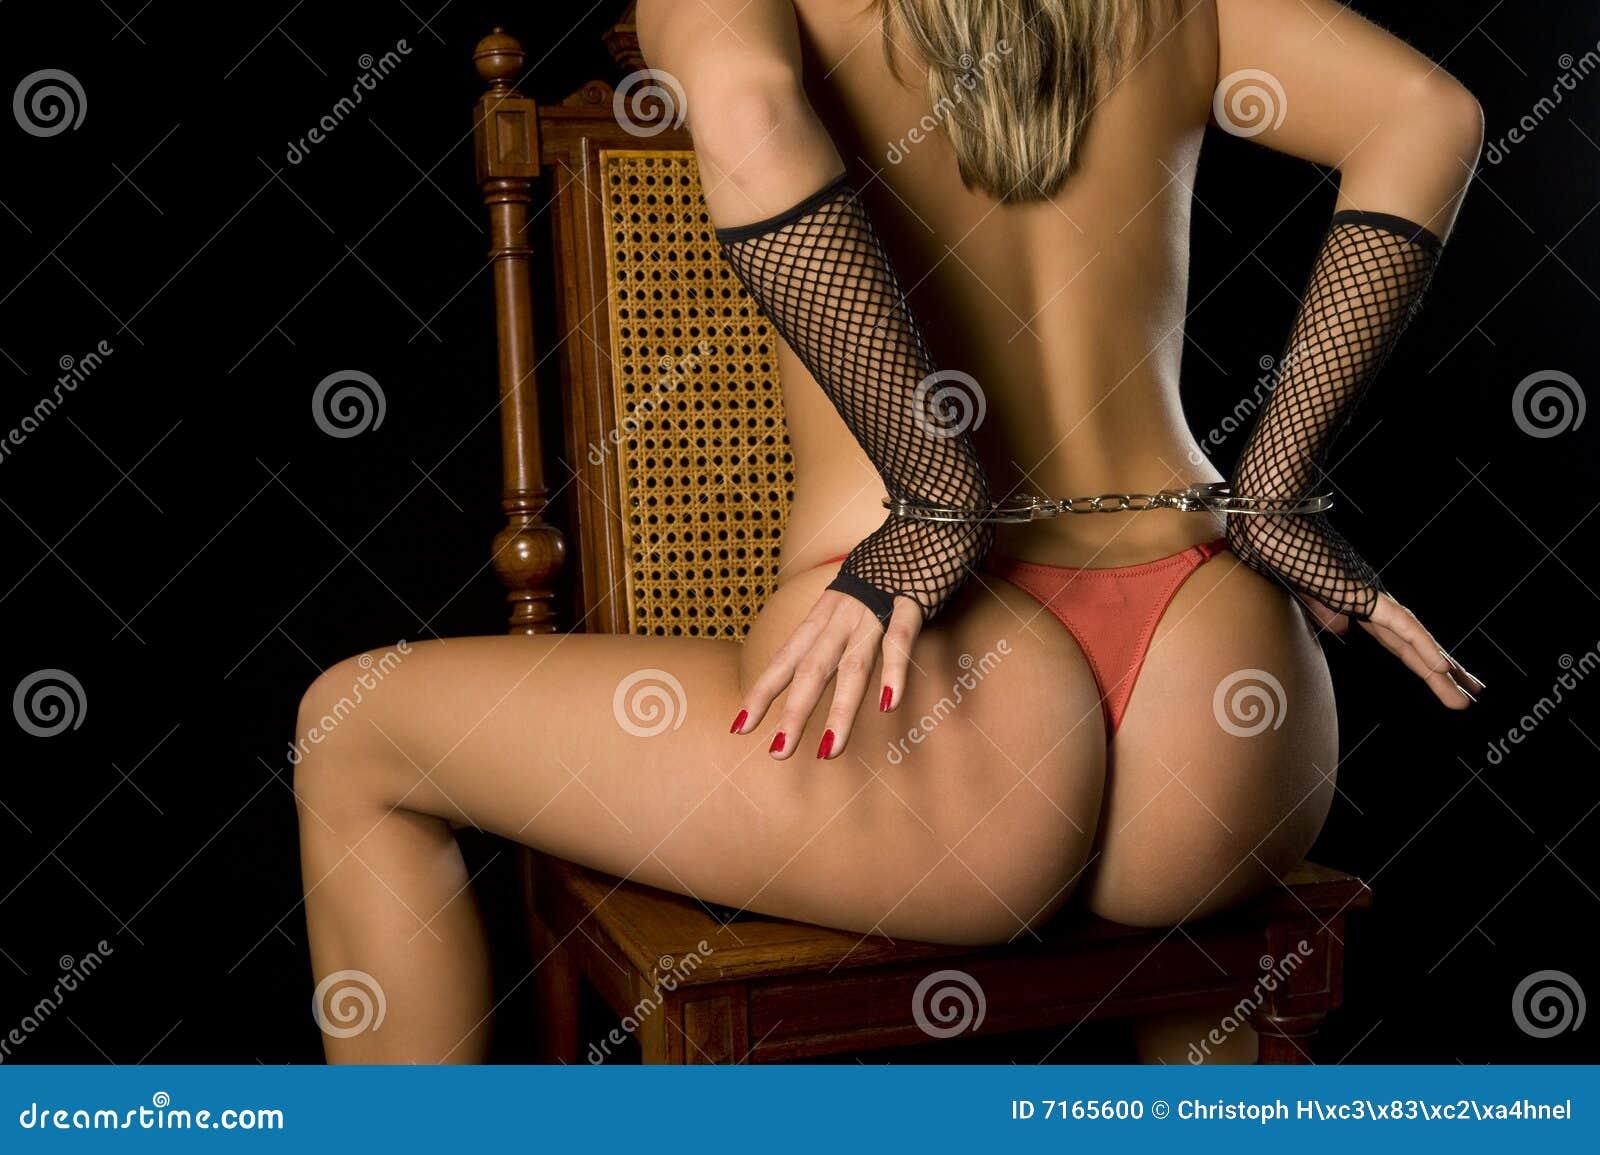 erotik butik online dejting